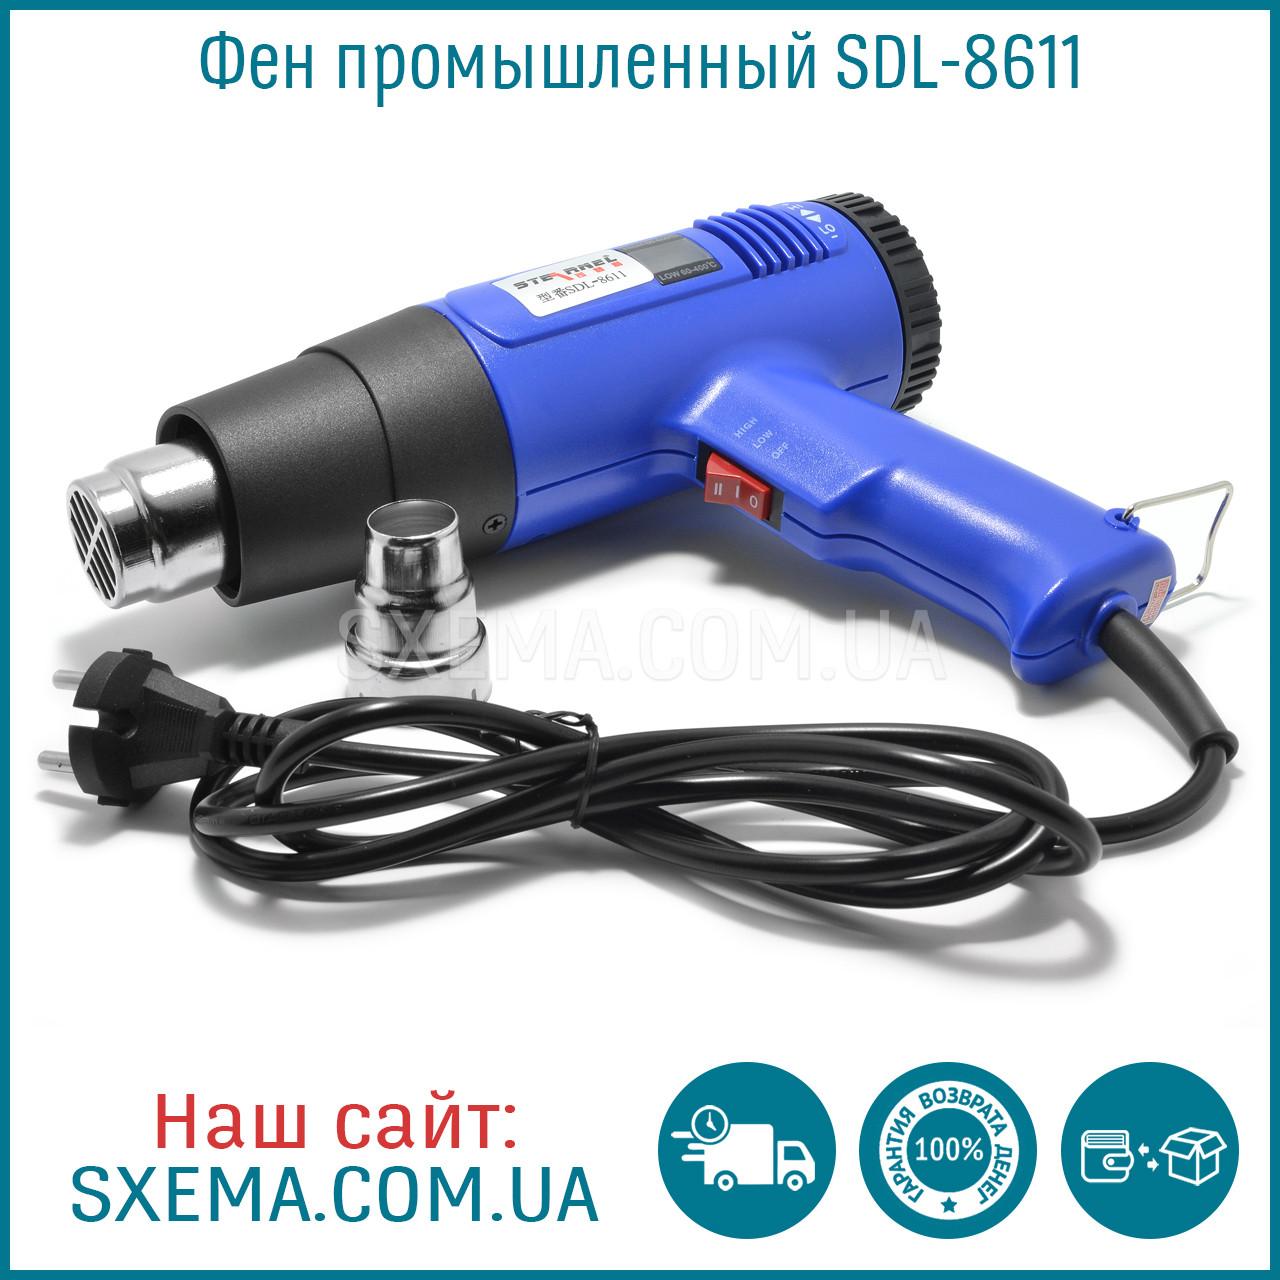 Фен строительный, технический SDL-8611 c дисплеем